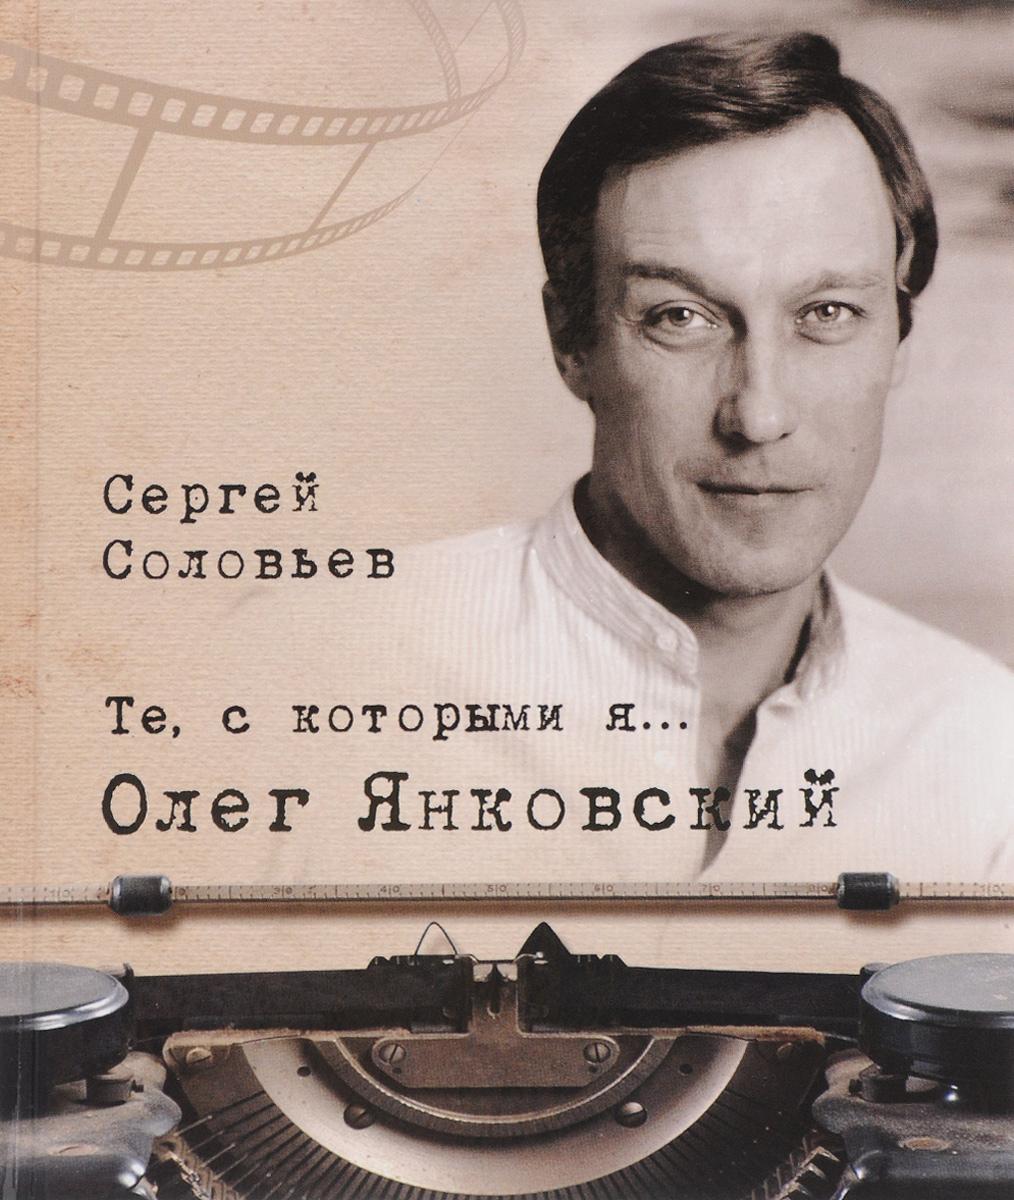 Те, с которыми я... Олег Янковский